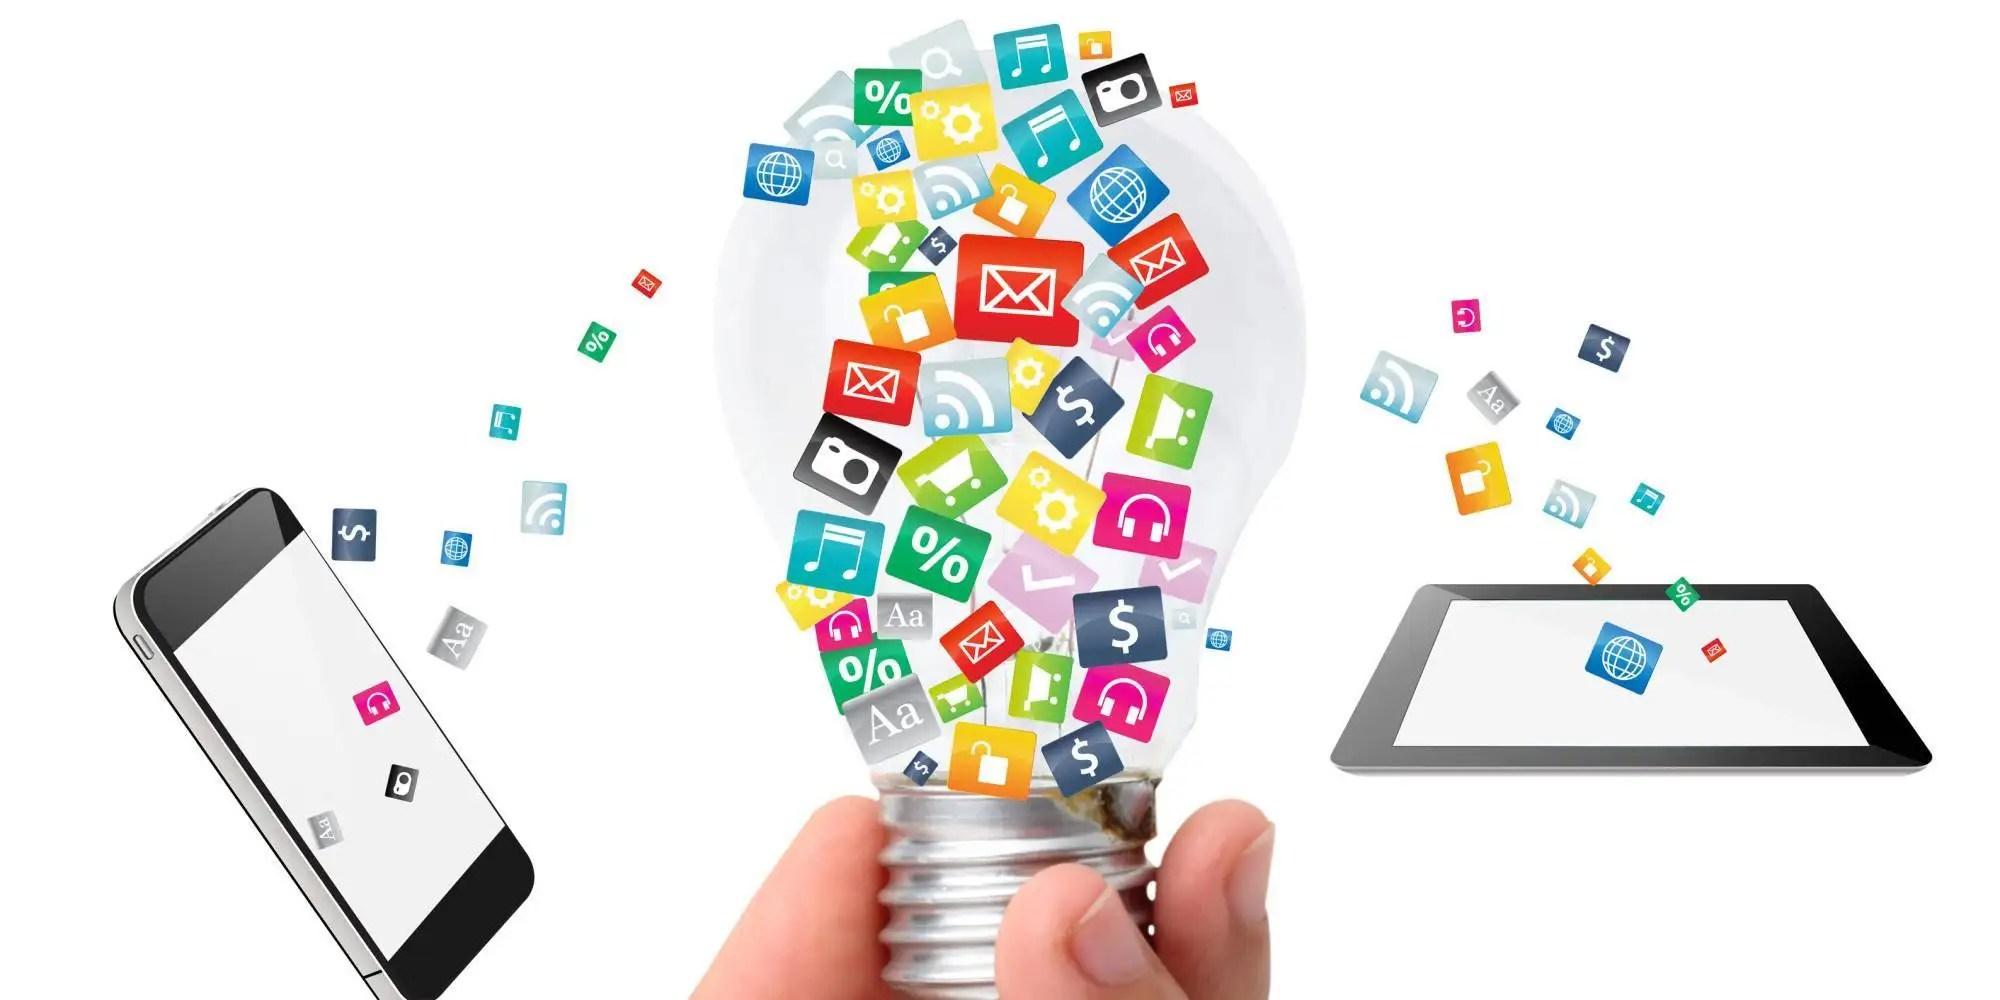 image of lightbulb social media icons